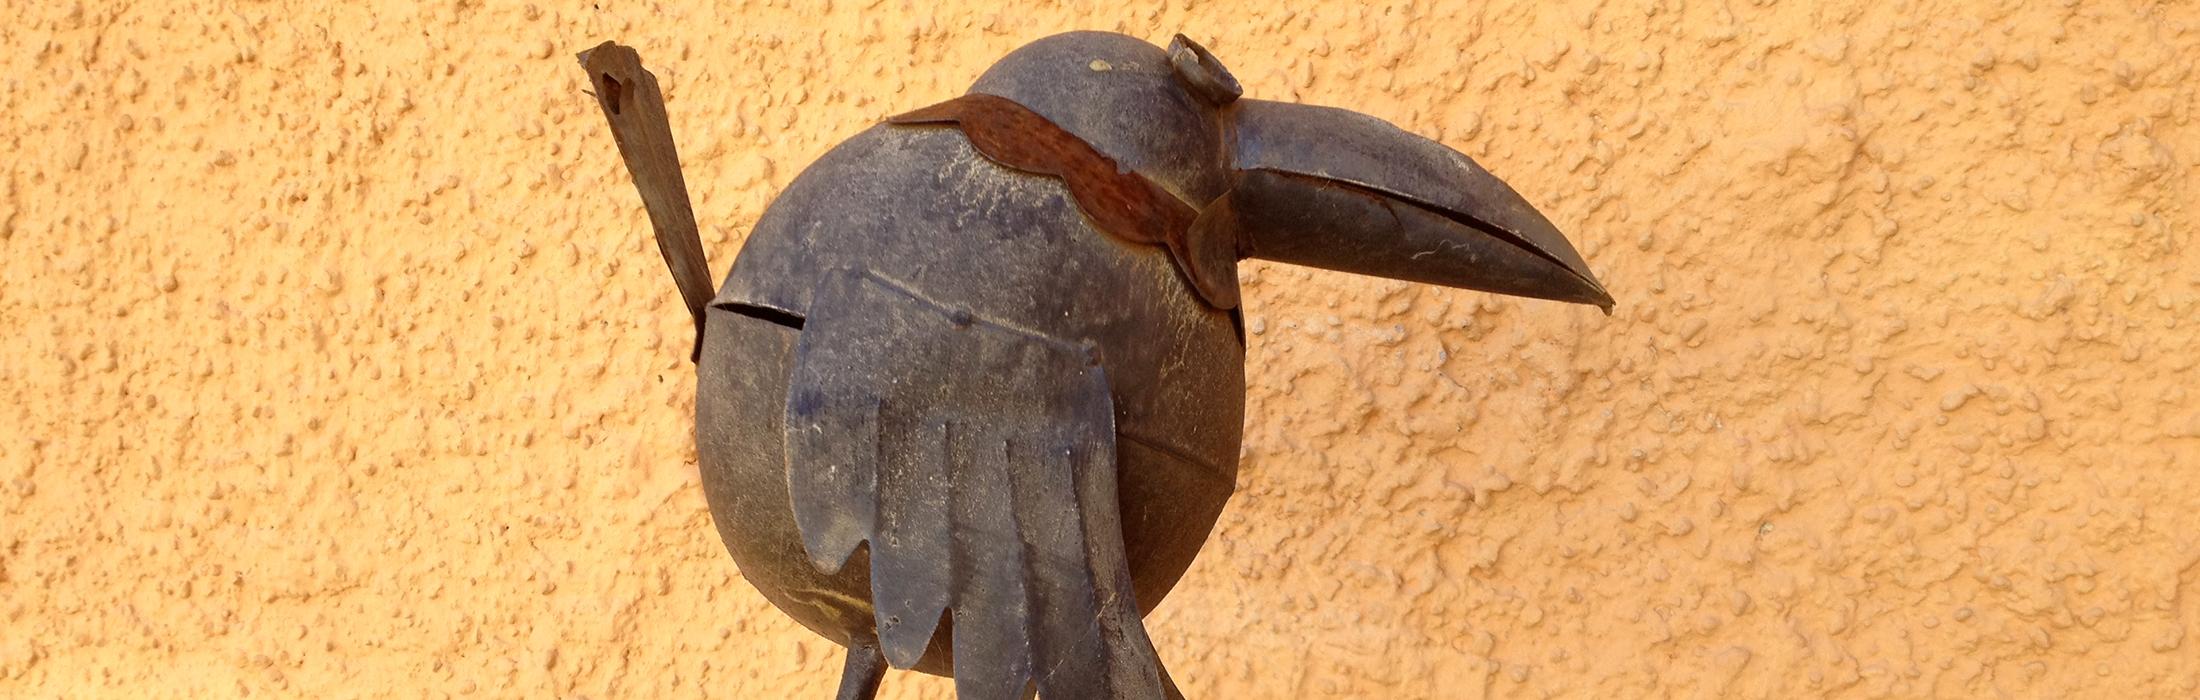 komischervogel